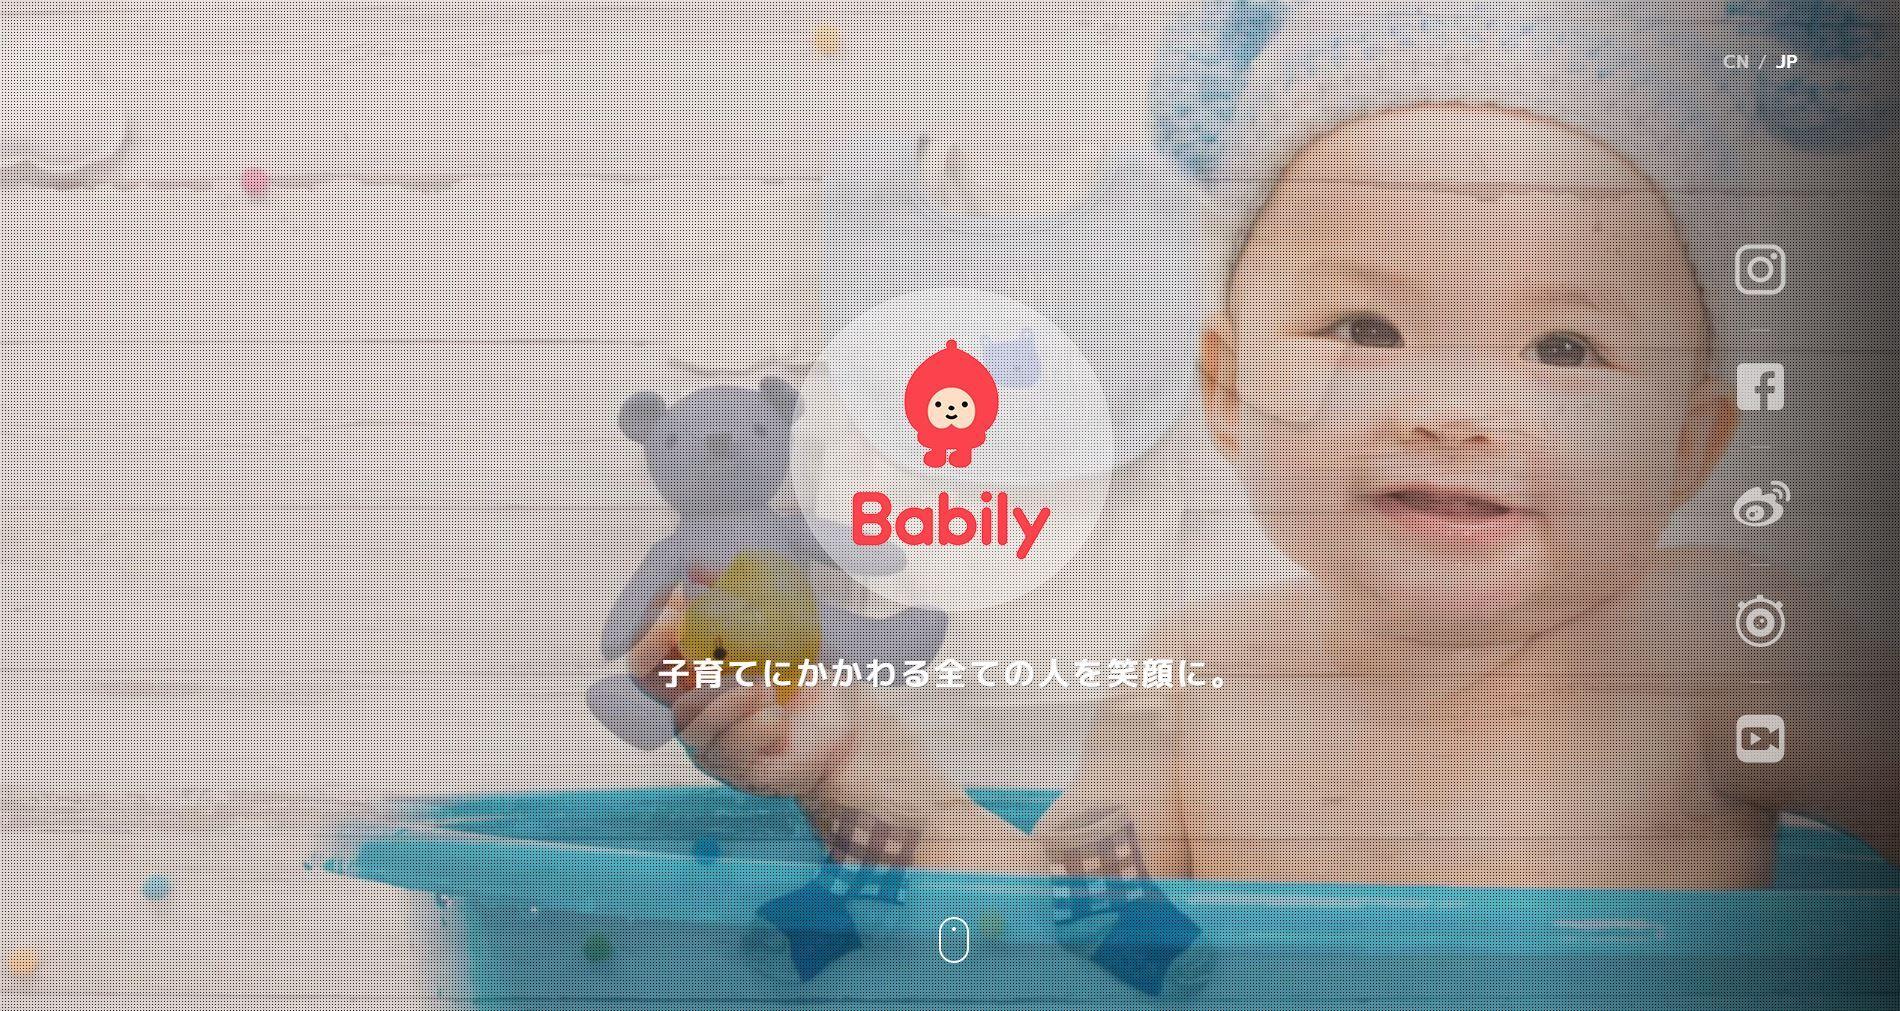 Babilyのサイトトップ